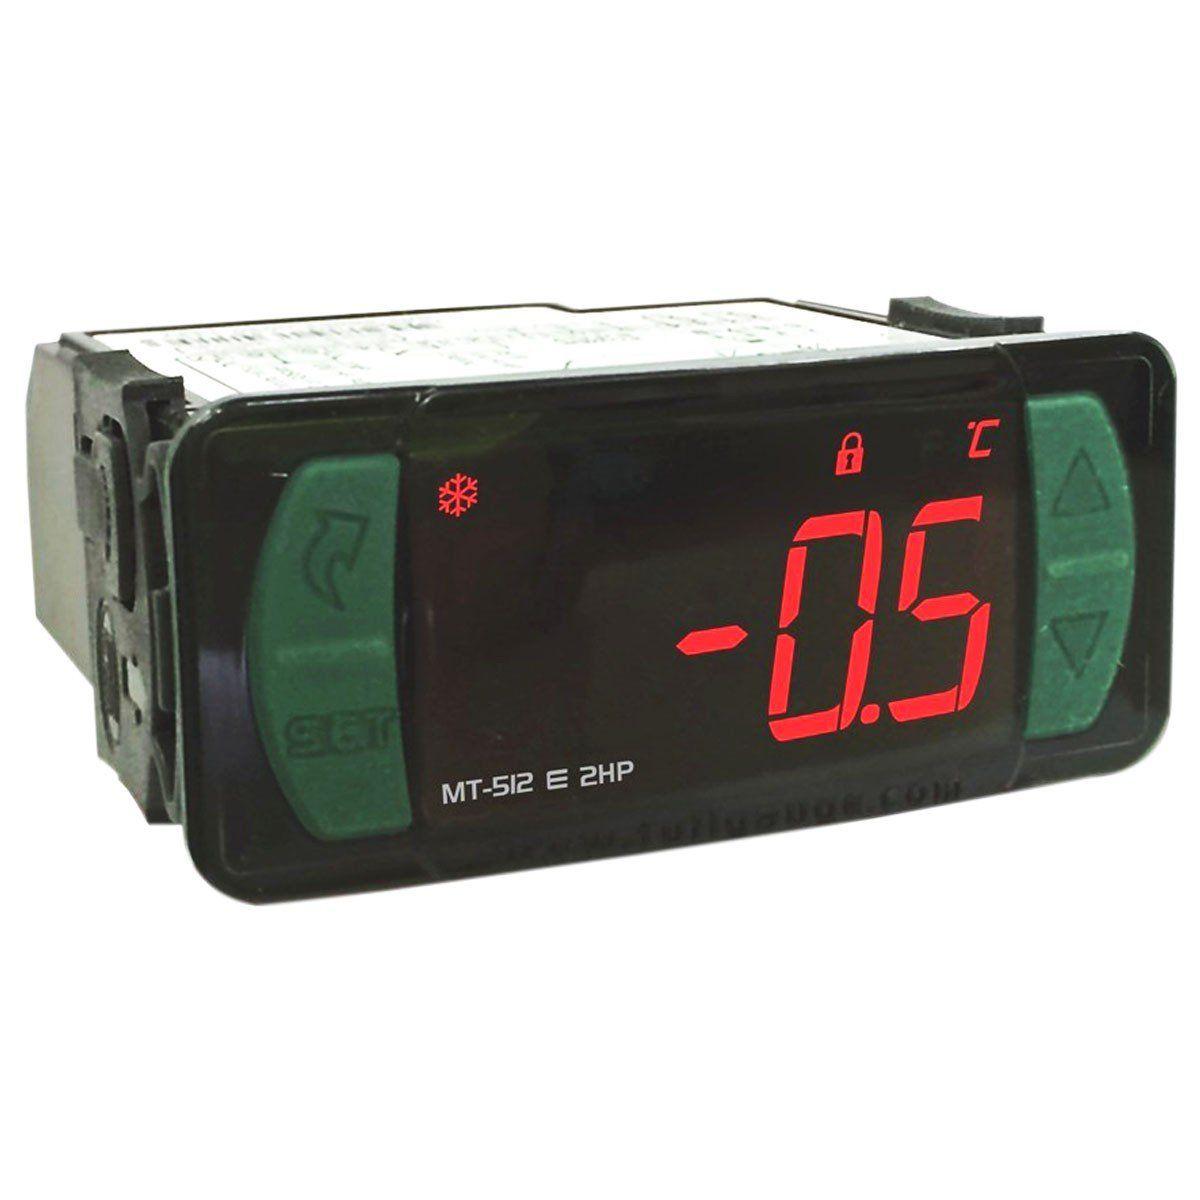 Controlador de Temperatura Digital MT512E Bivolt Full Gauge